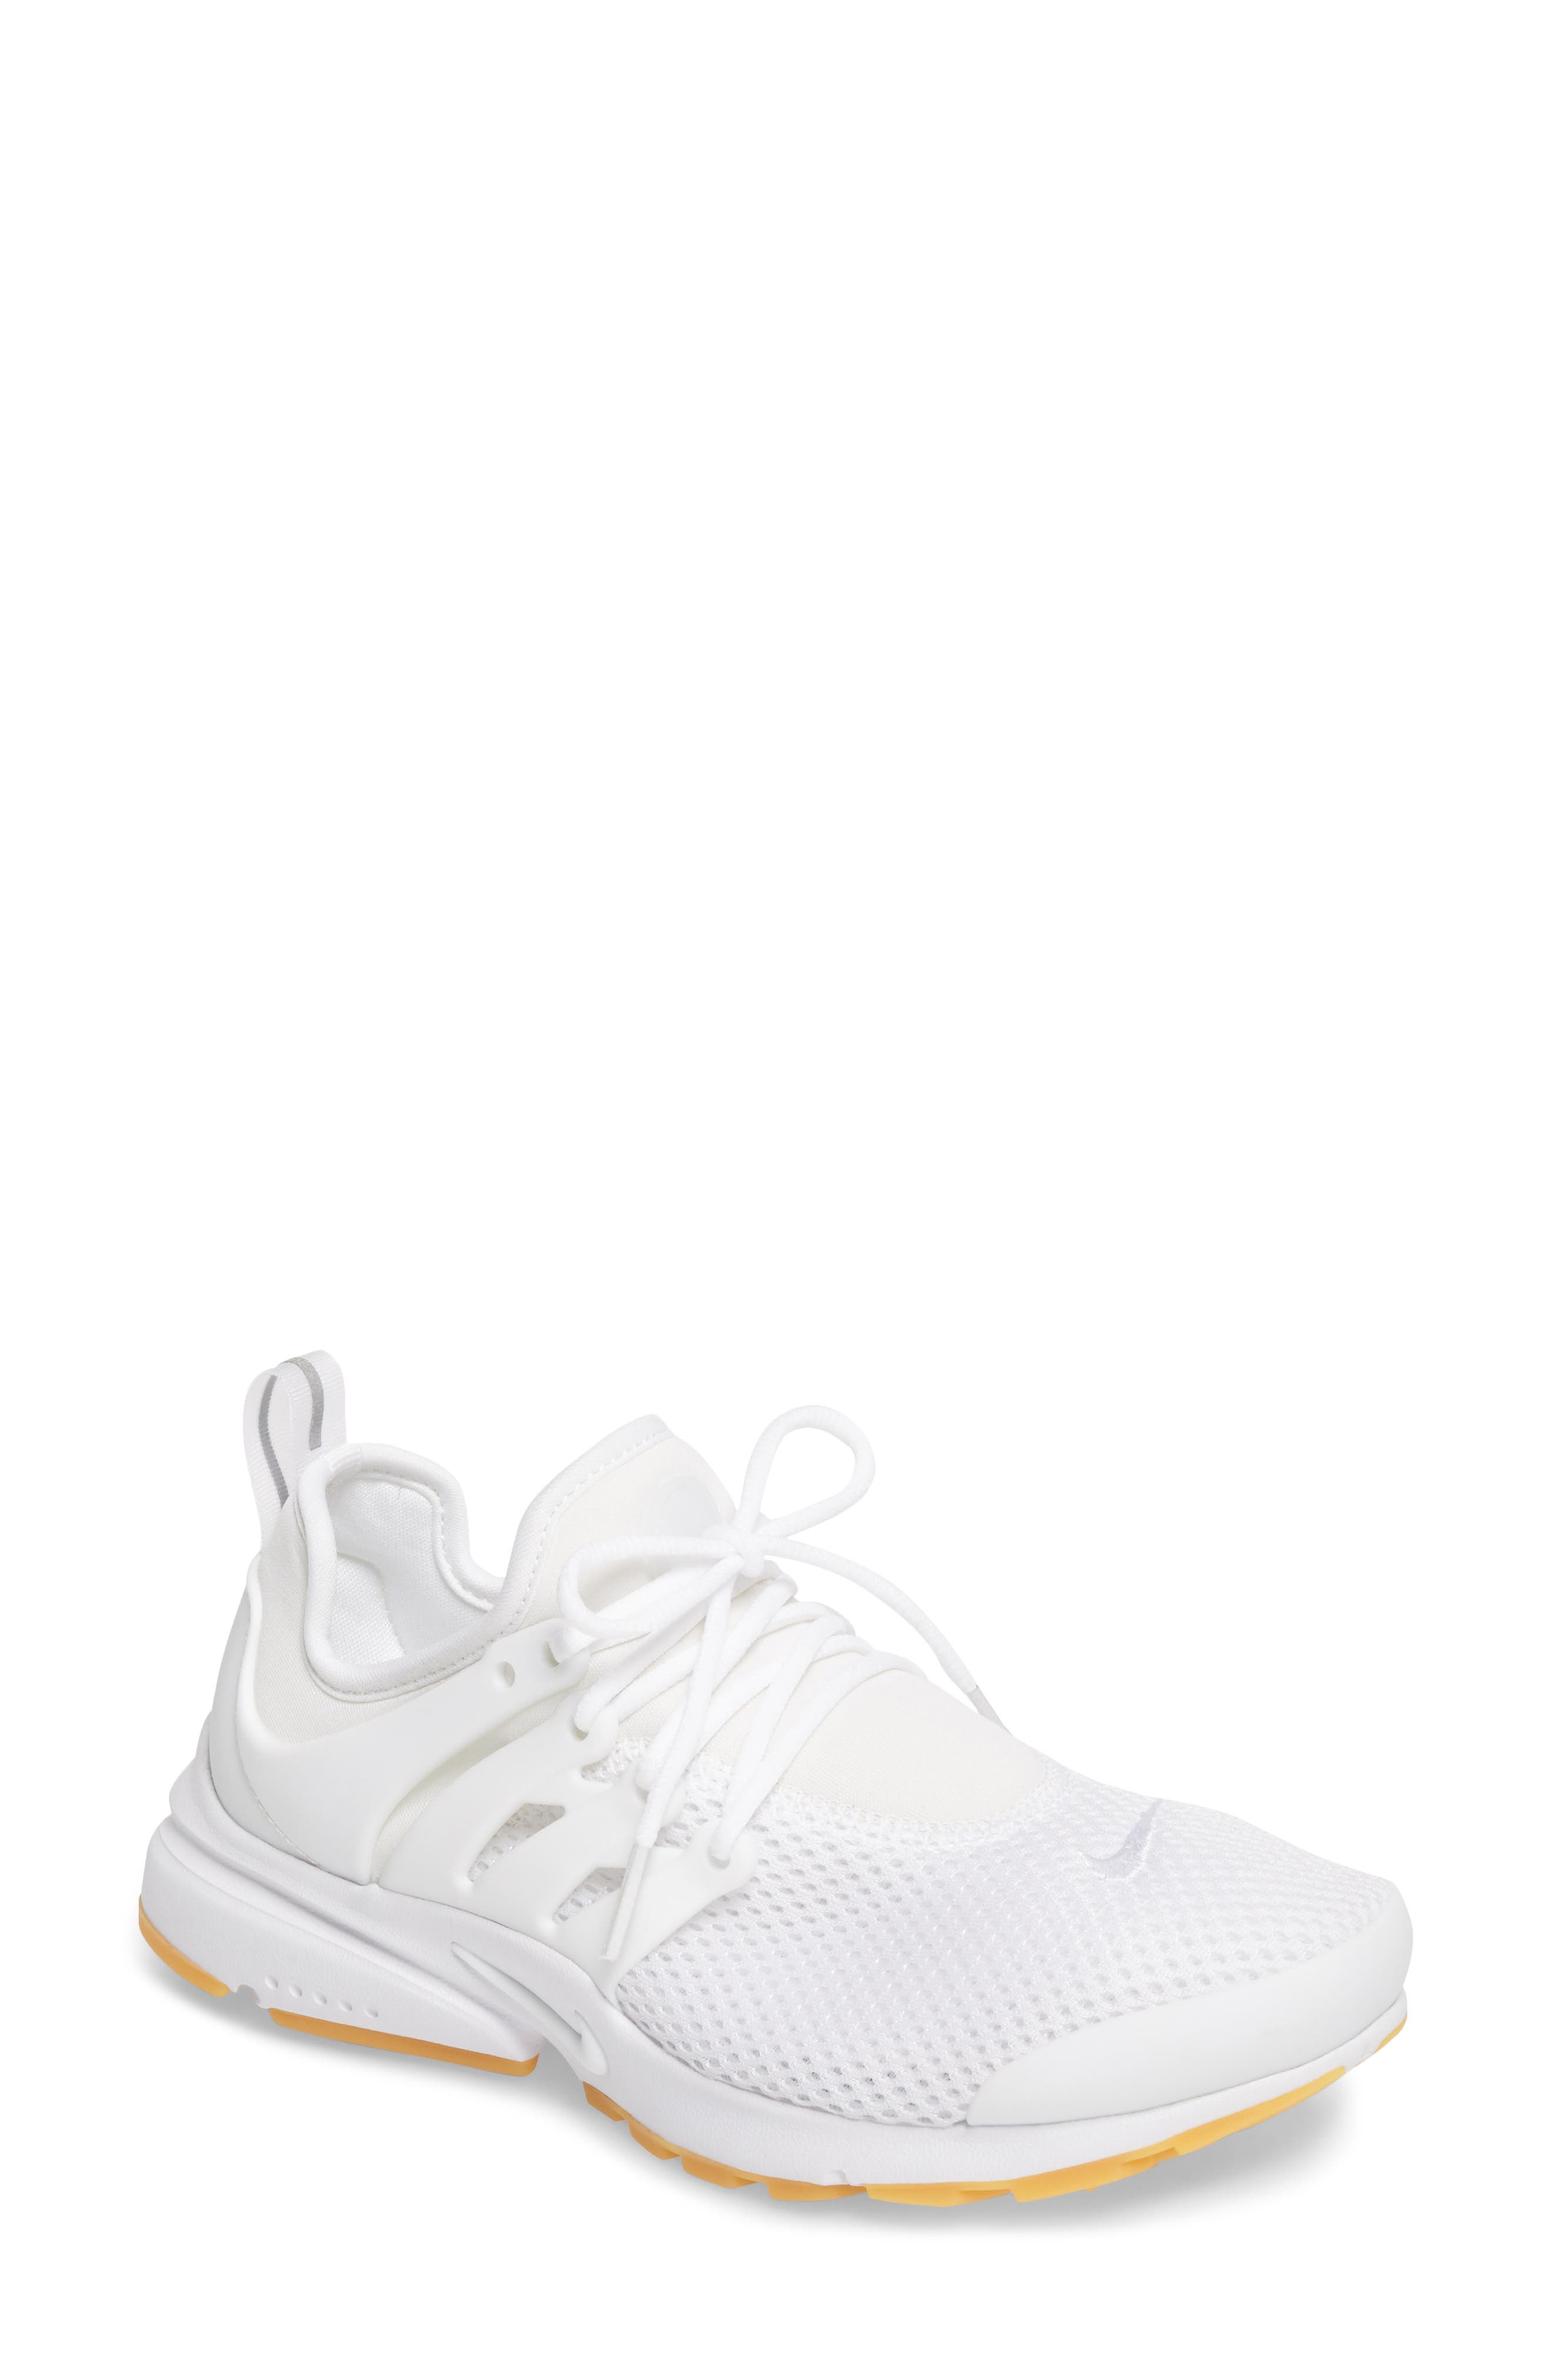 Main Image - Nike Air Presto Flyknit Ultra Sneaker (Women)